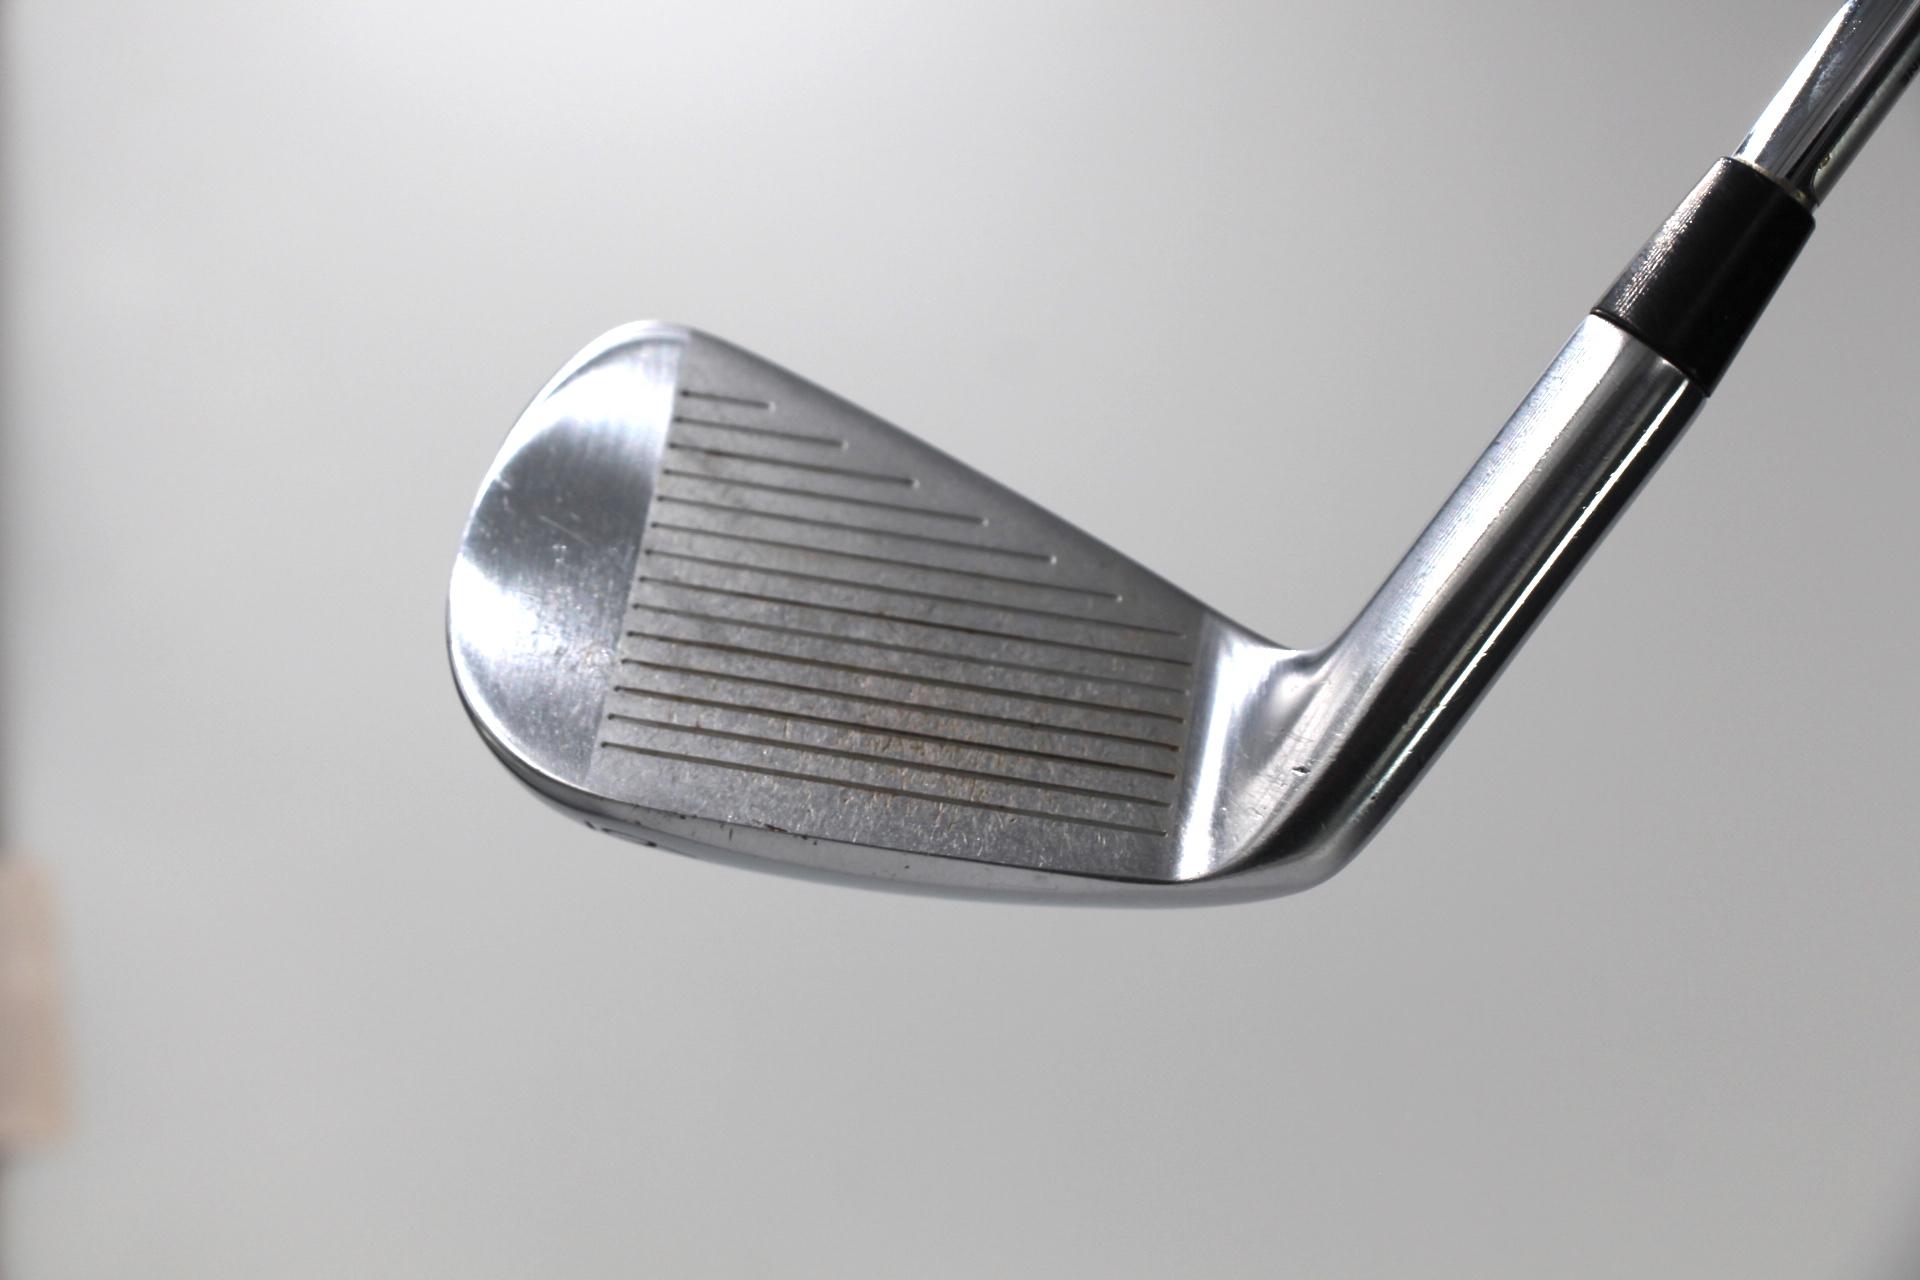 Nike Vapor Pro Combo Irons - Golf Geeks